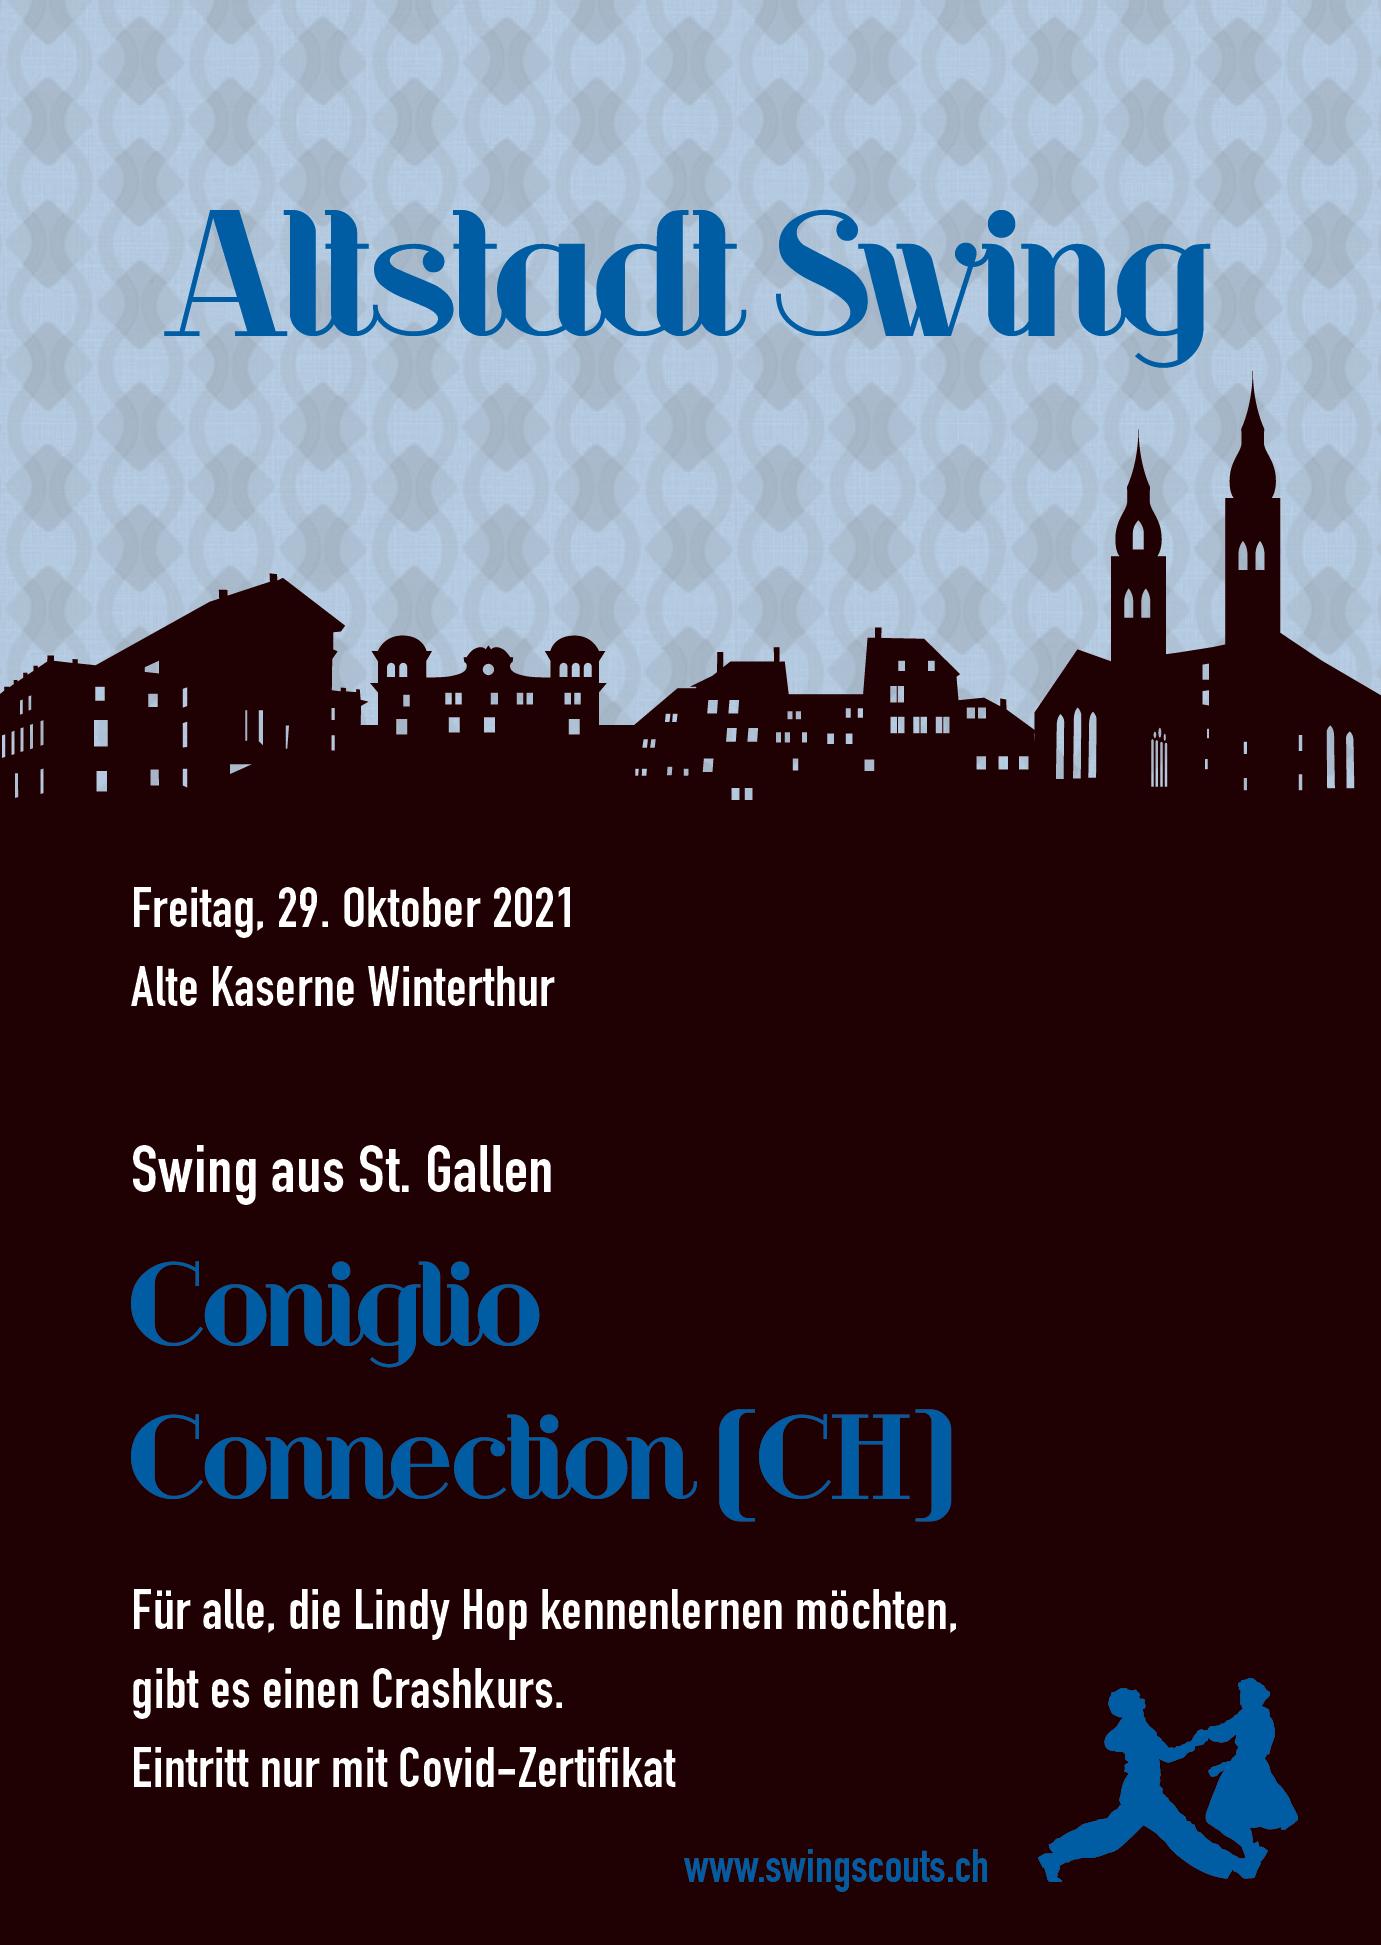 Fr. 29.10.2021 # Altstadt Swing